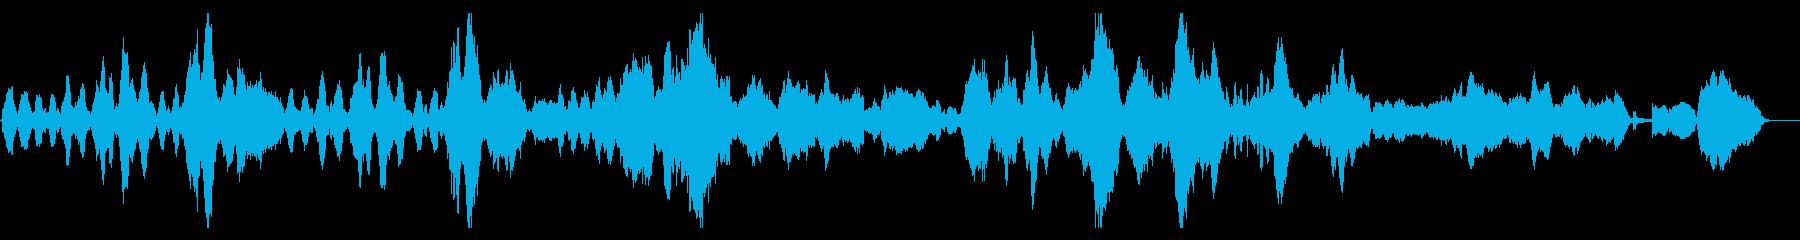 『愛の挨拶』1stVin 抜きオケの再生済みの波形